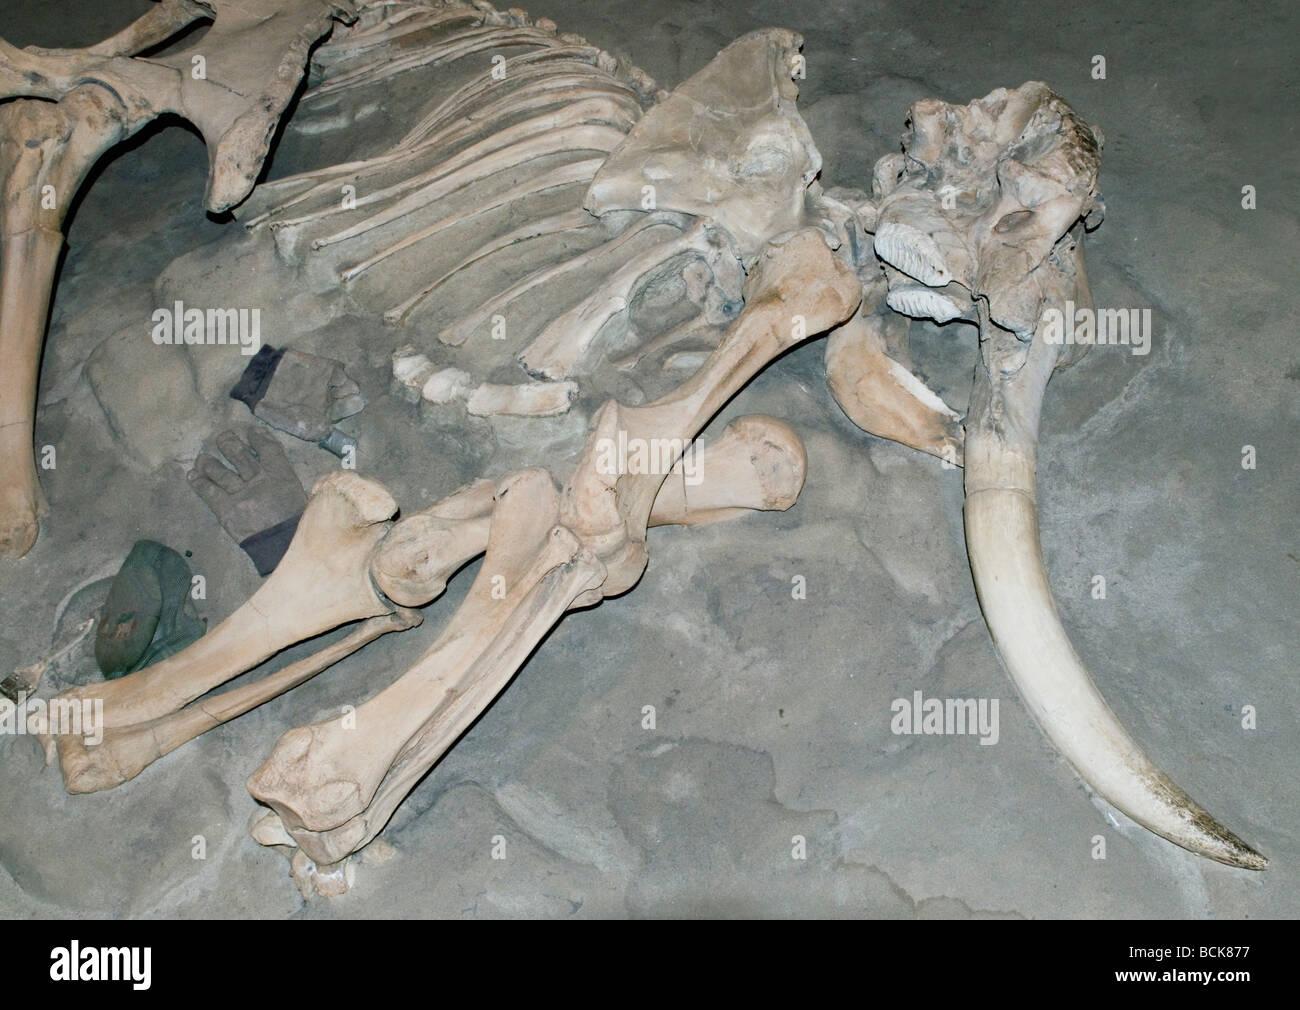 Channel Islands ou pygmée (mammouth Mammuthus exilis) de combustibles fossiles de mammifères du Pléistocène éteintes, Channel Islands, en Californie Banque D'Images